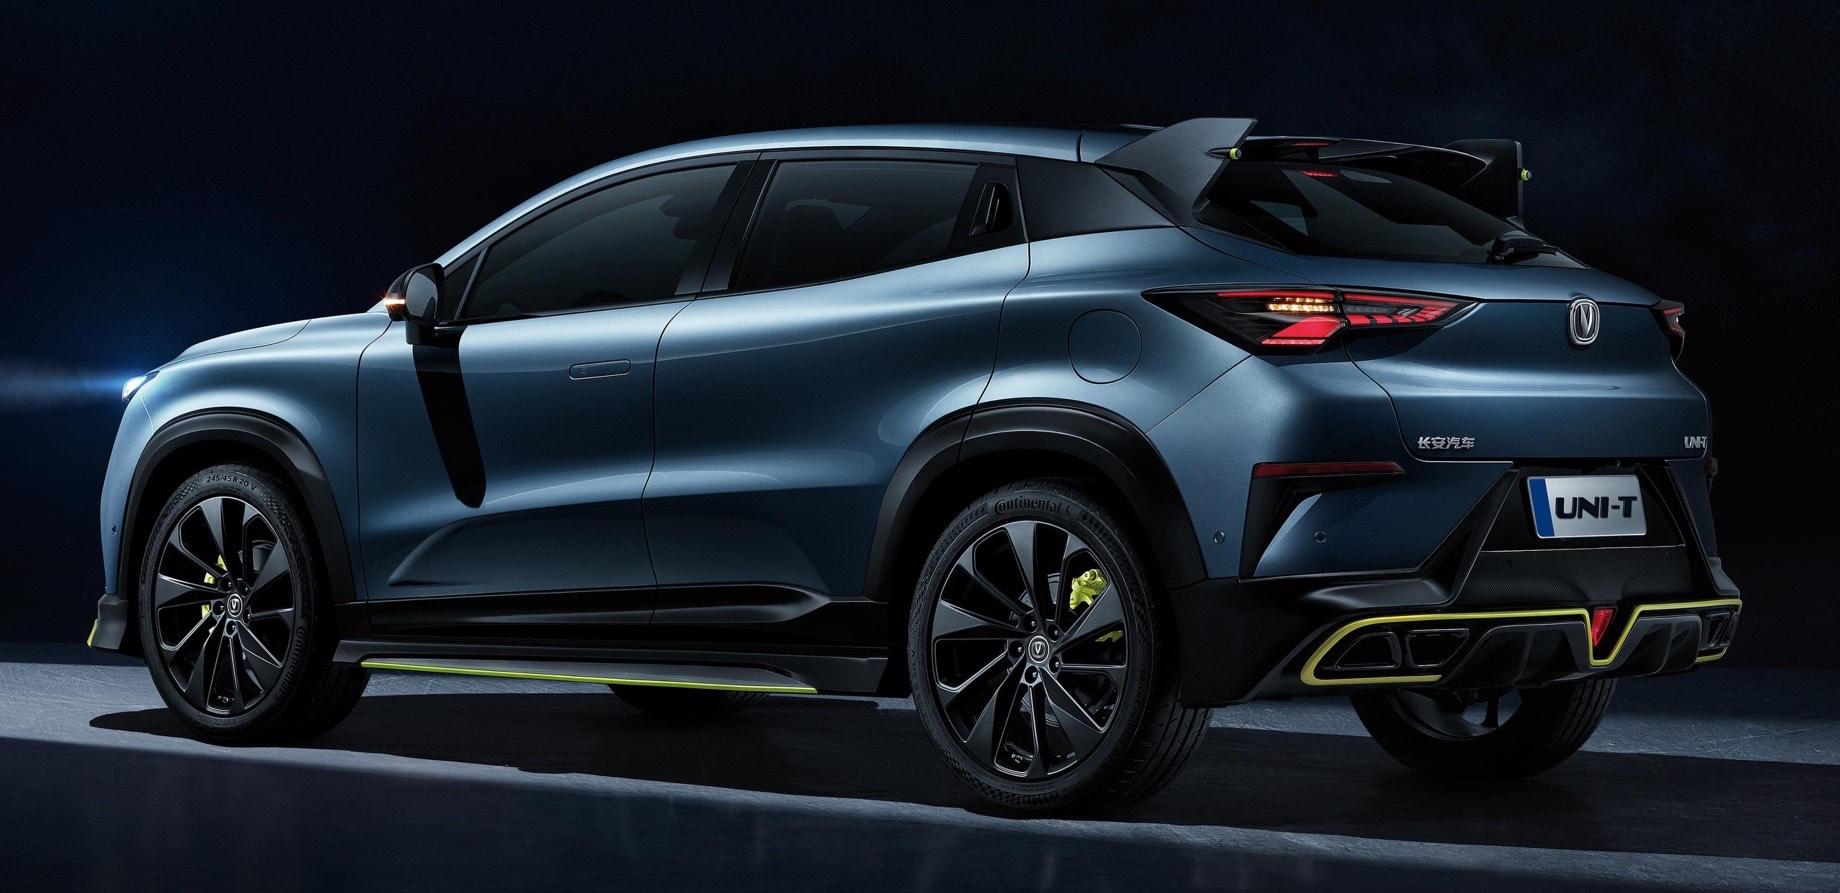 Компакт Changan Uni-T прибавит сил в новой версии Sport